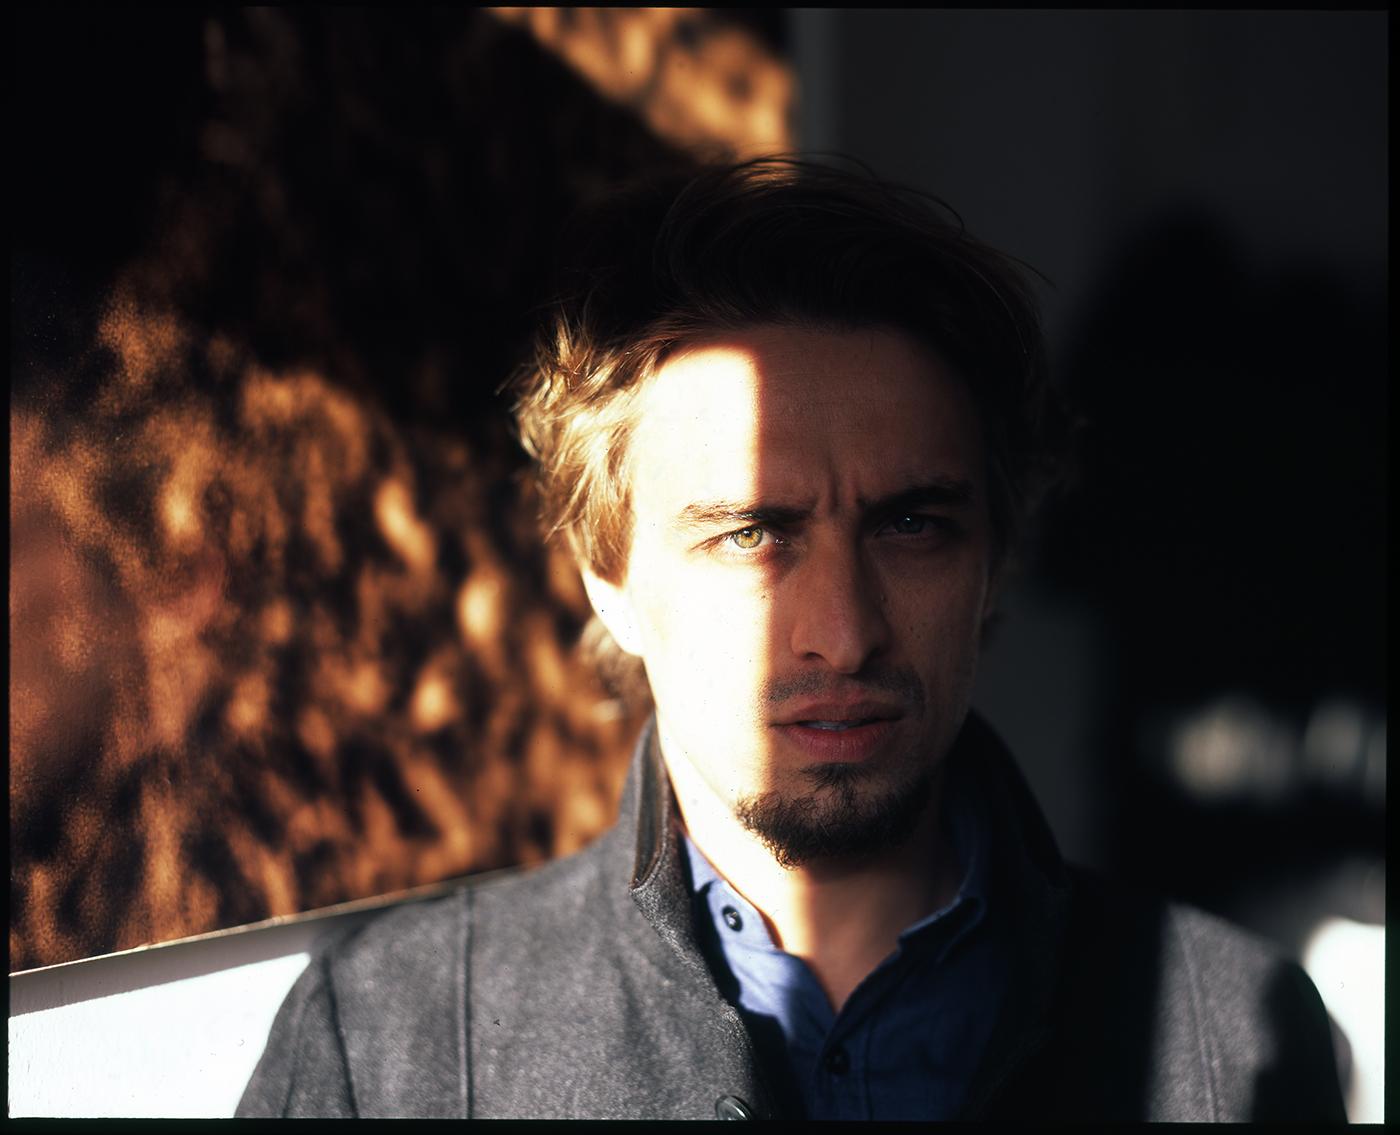 Nikola Bojic photo by Ana Opalic